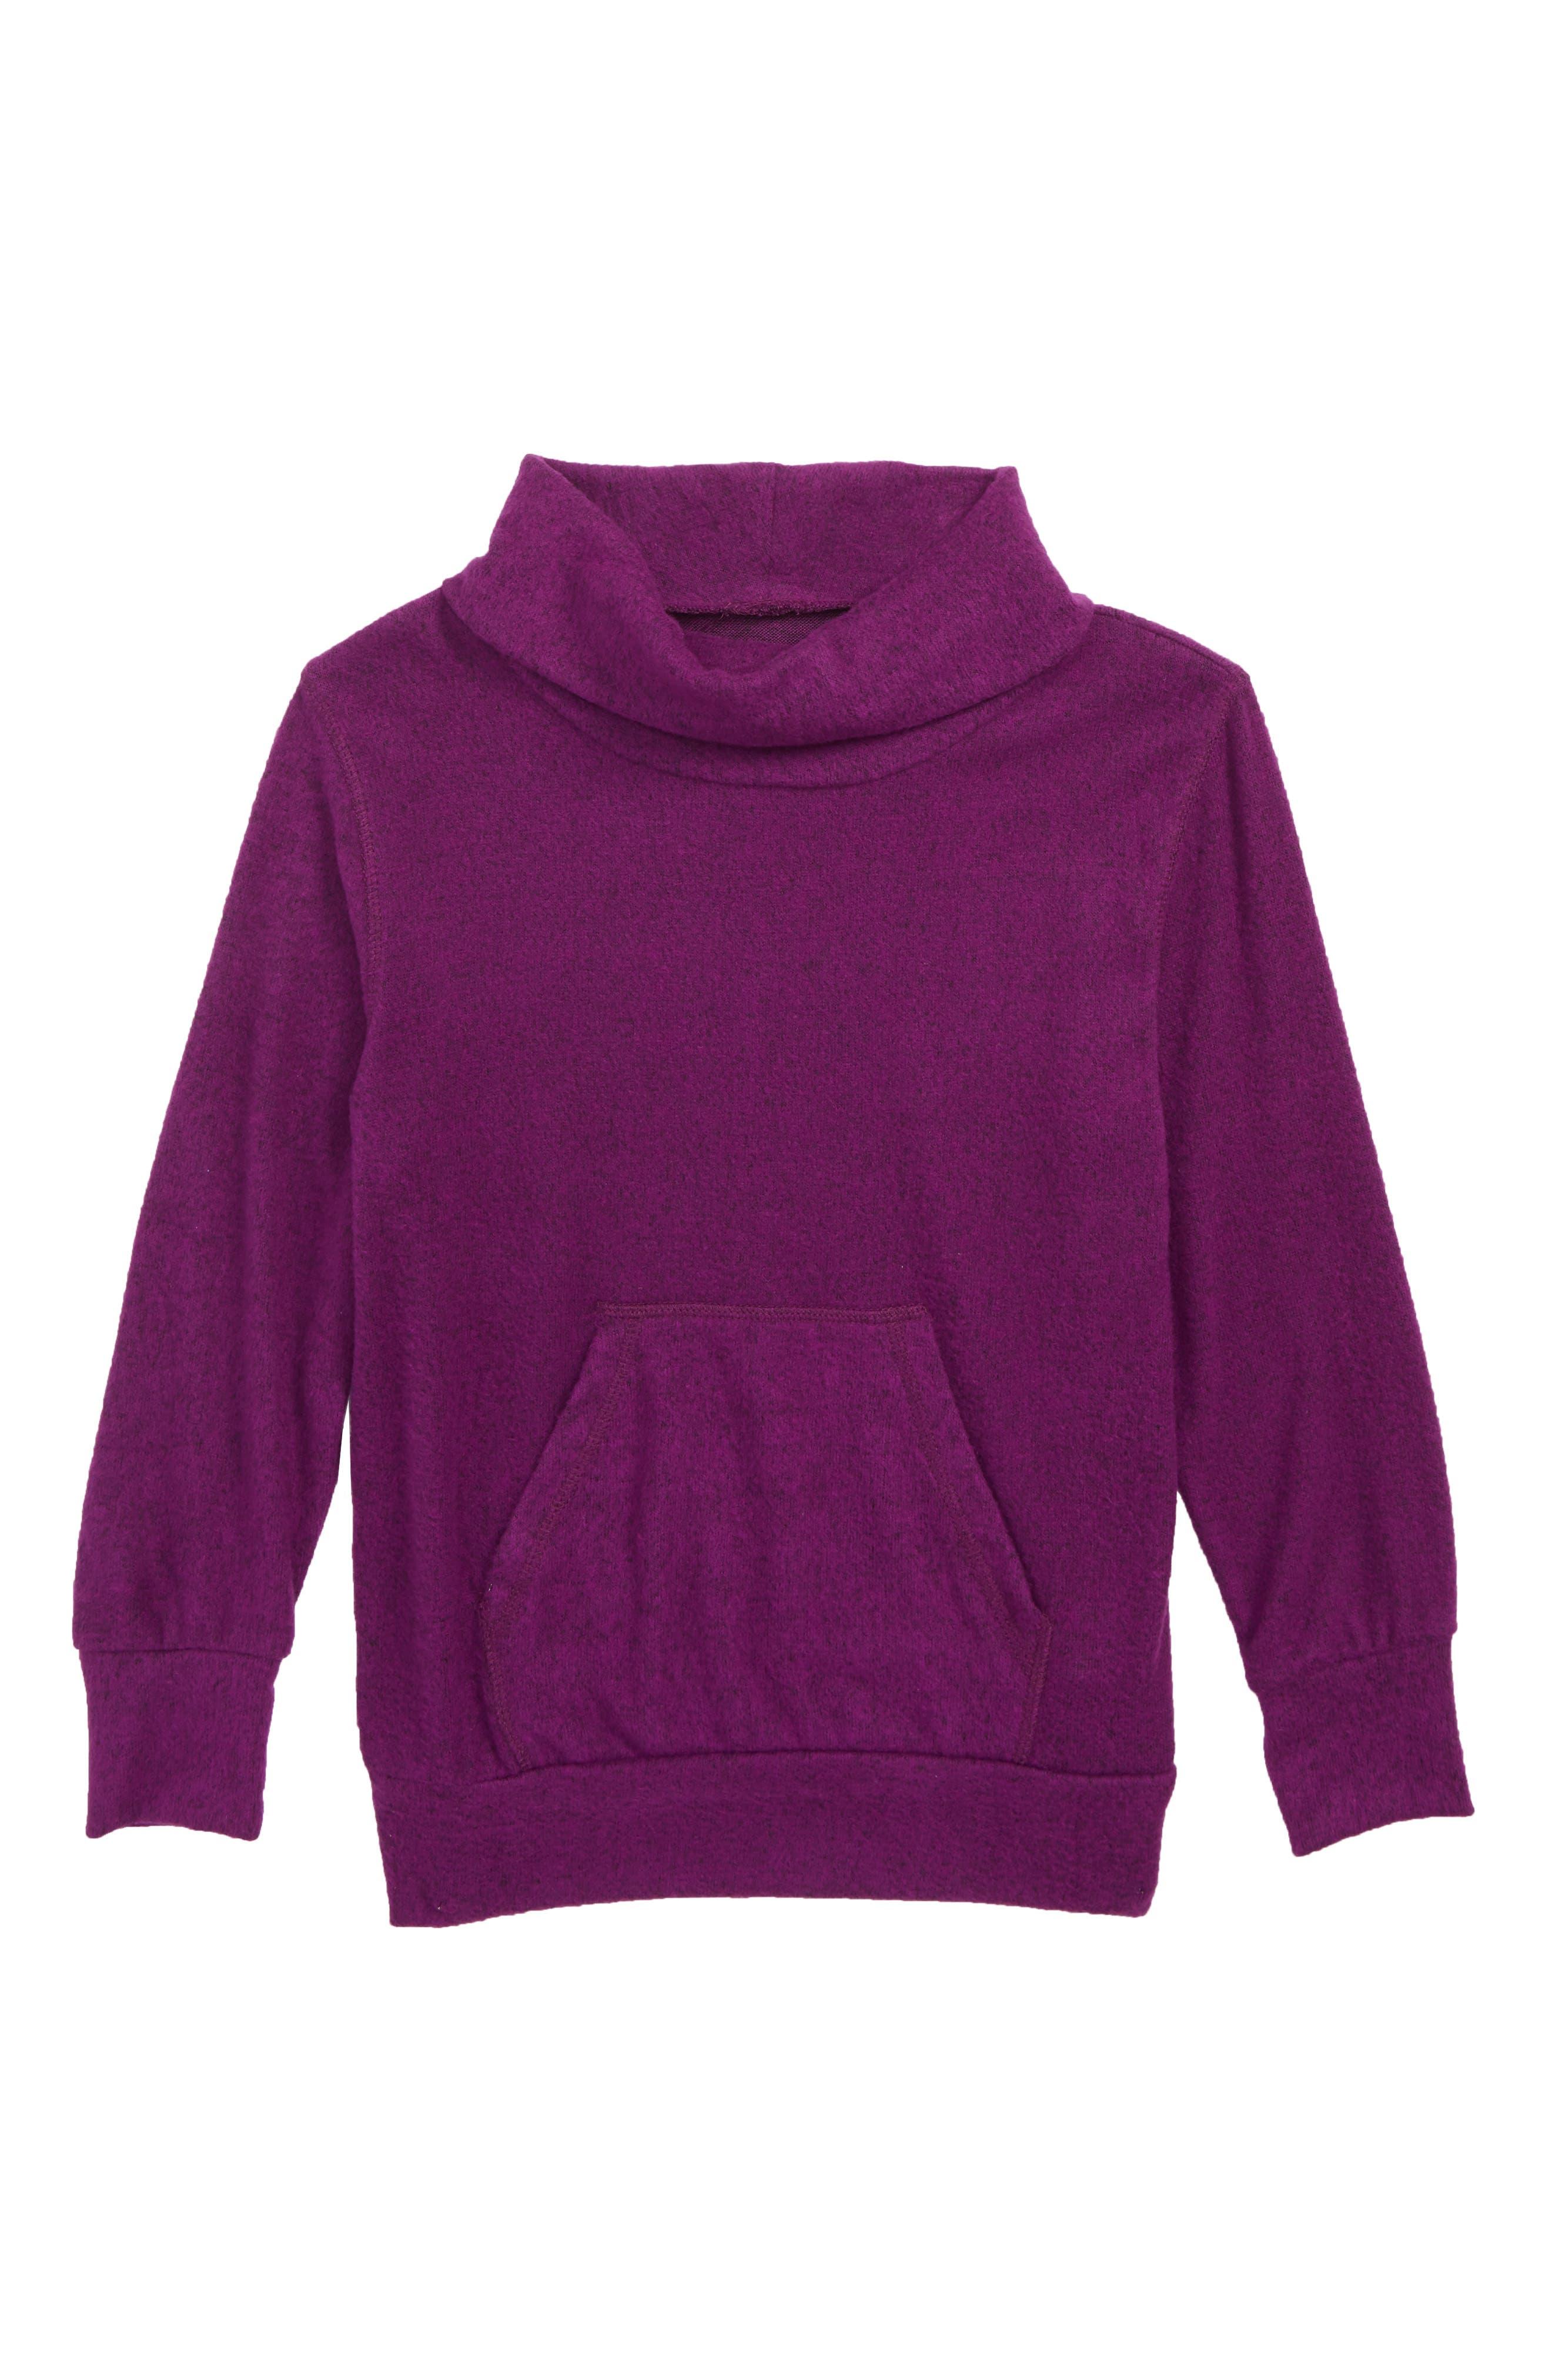 Cowl Neck Pullover,                         Main,                         color, PURPLE DARK HEATHER